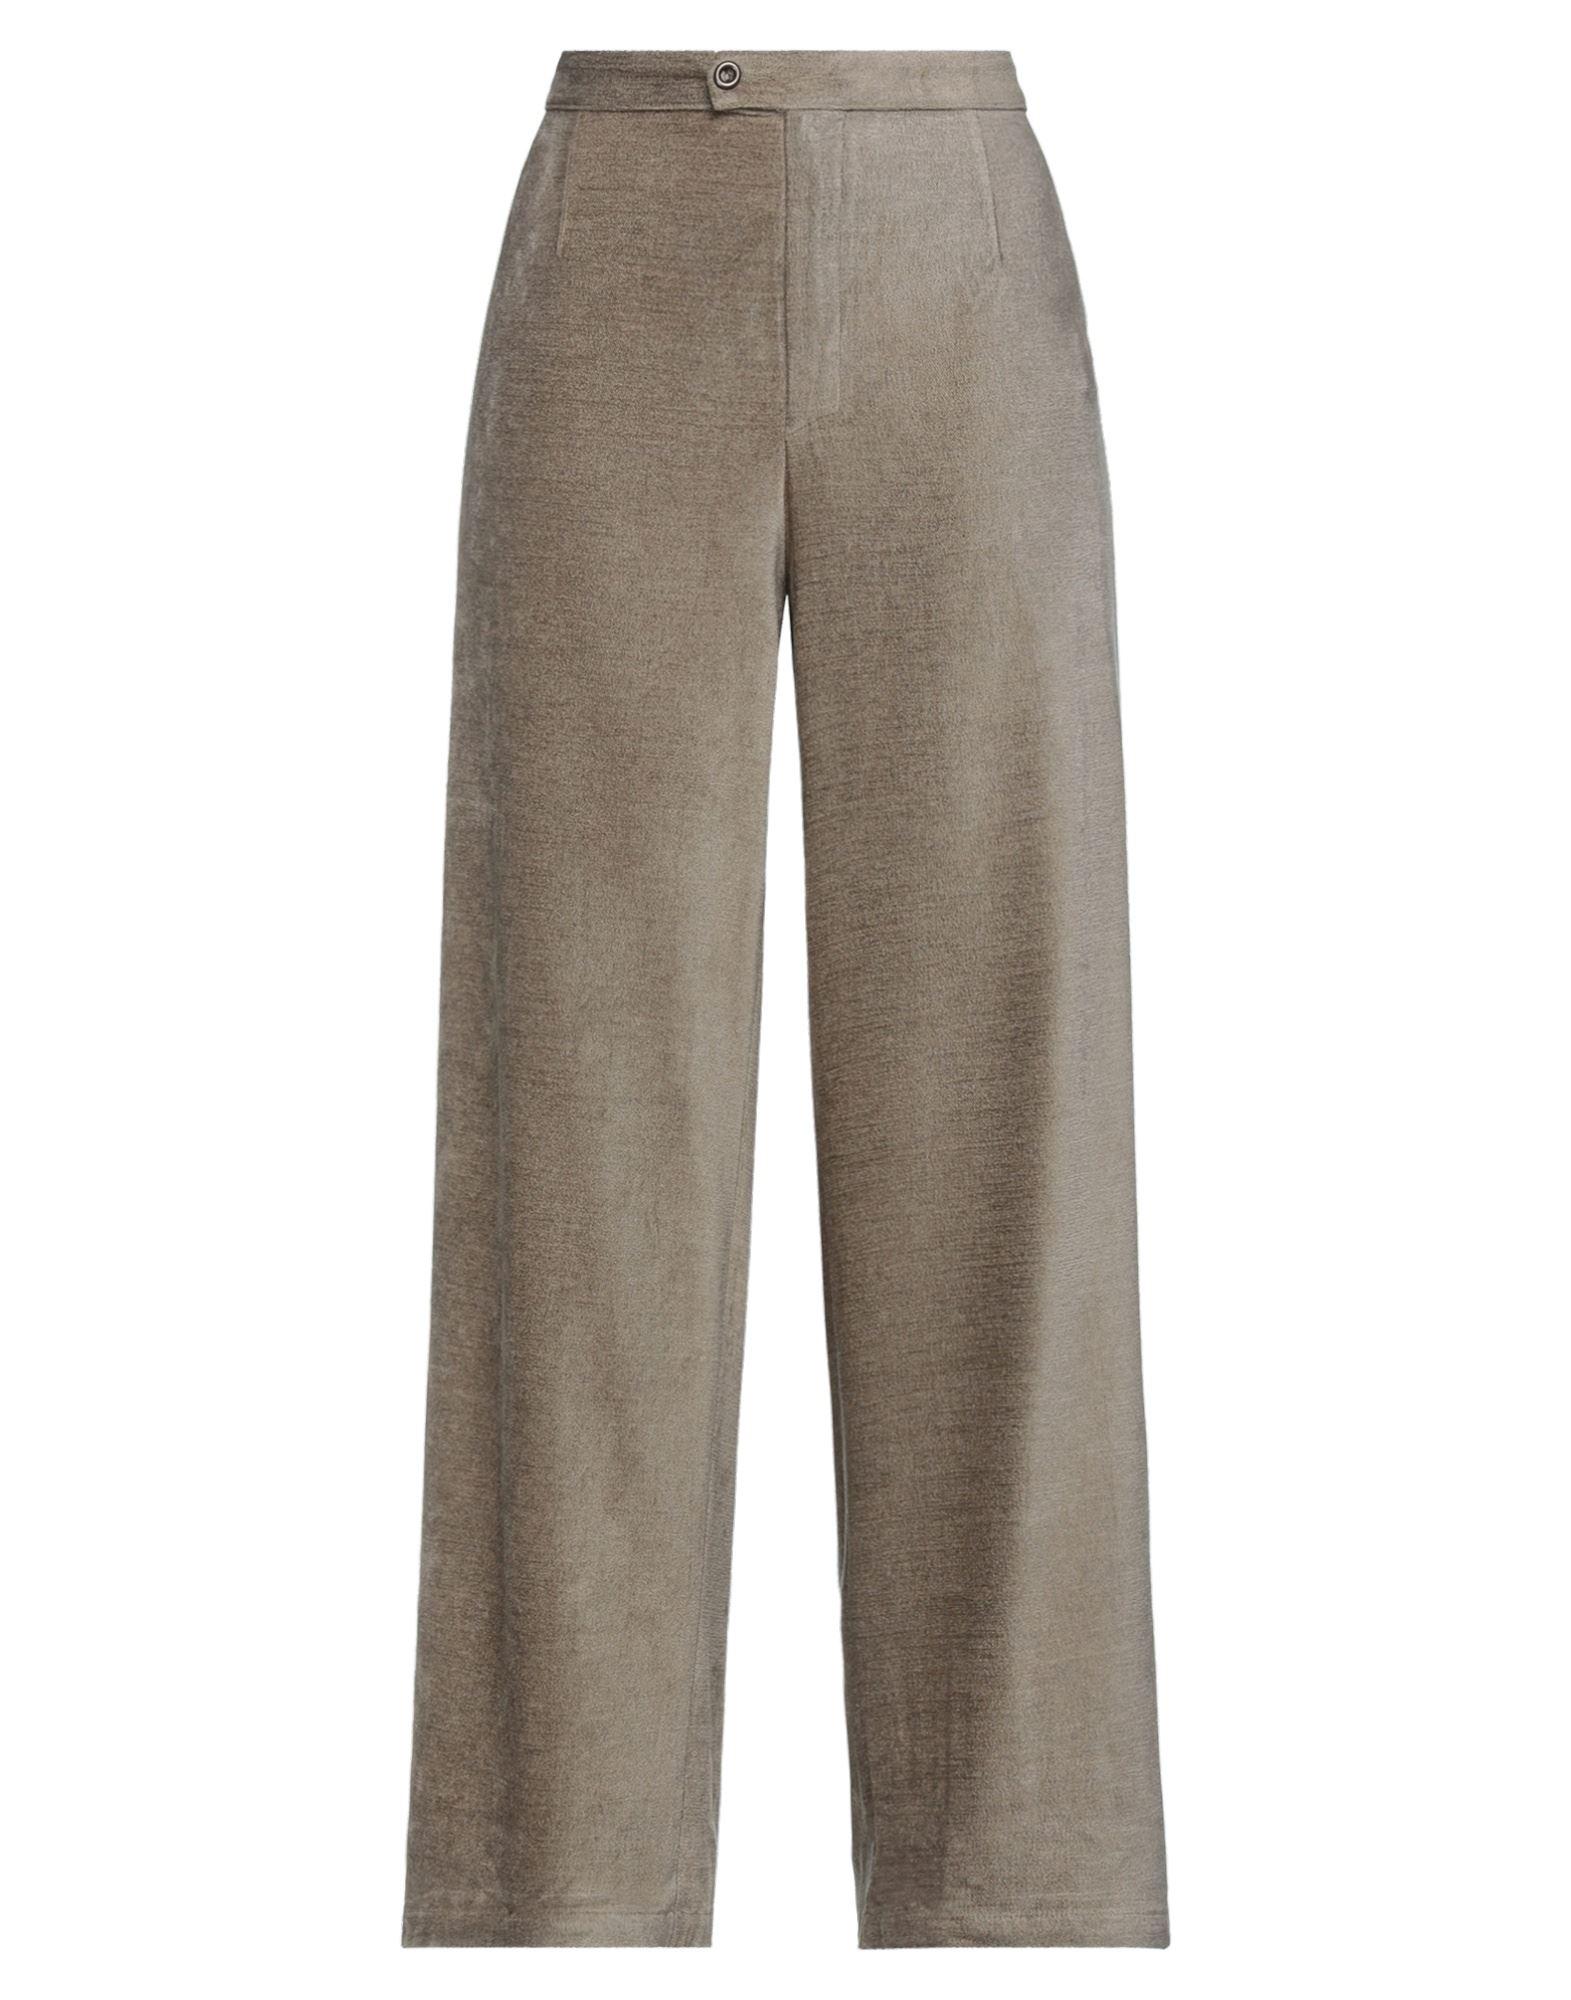 TRANSIT PAR-SUCH Casual pants - Item 13586498